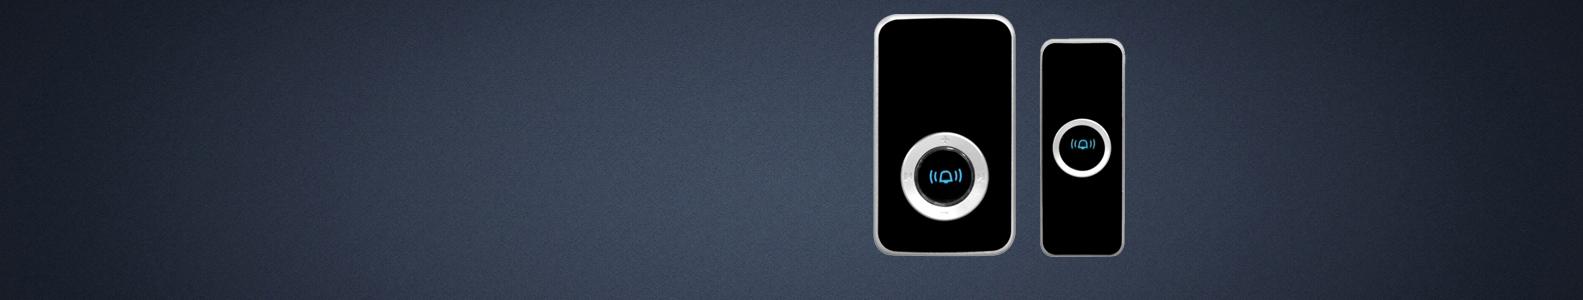 Durų skambučiai  Bevieliai ir iš elektros tinklo maitinami durų skambučiai